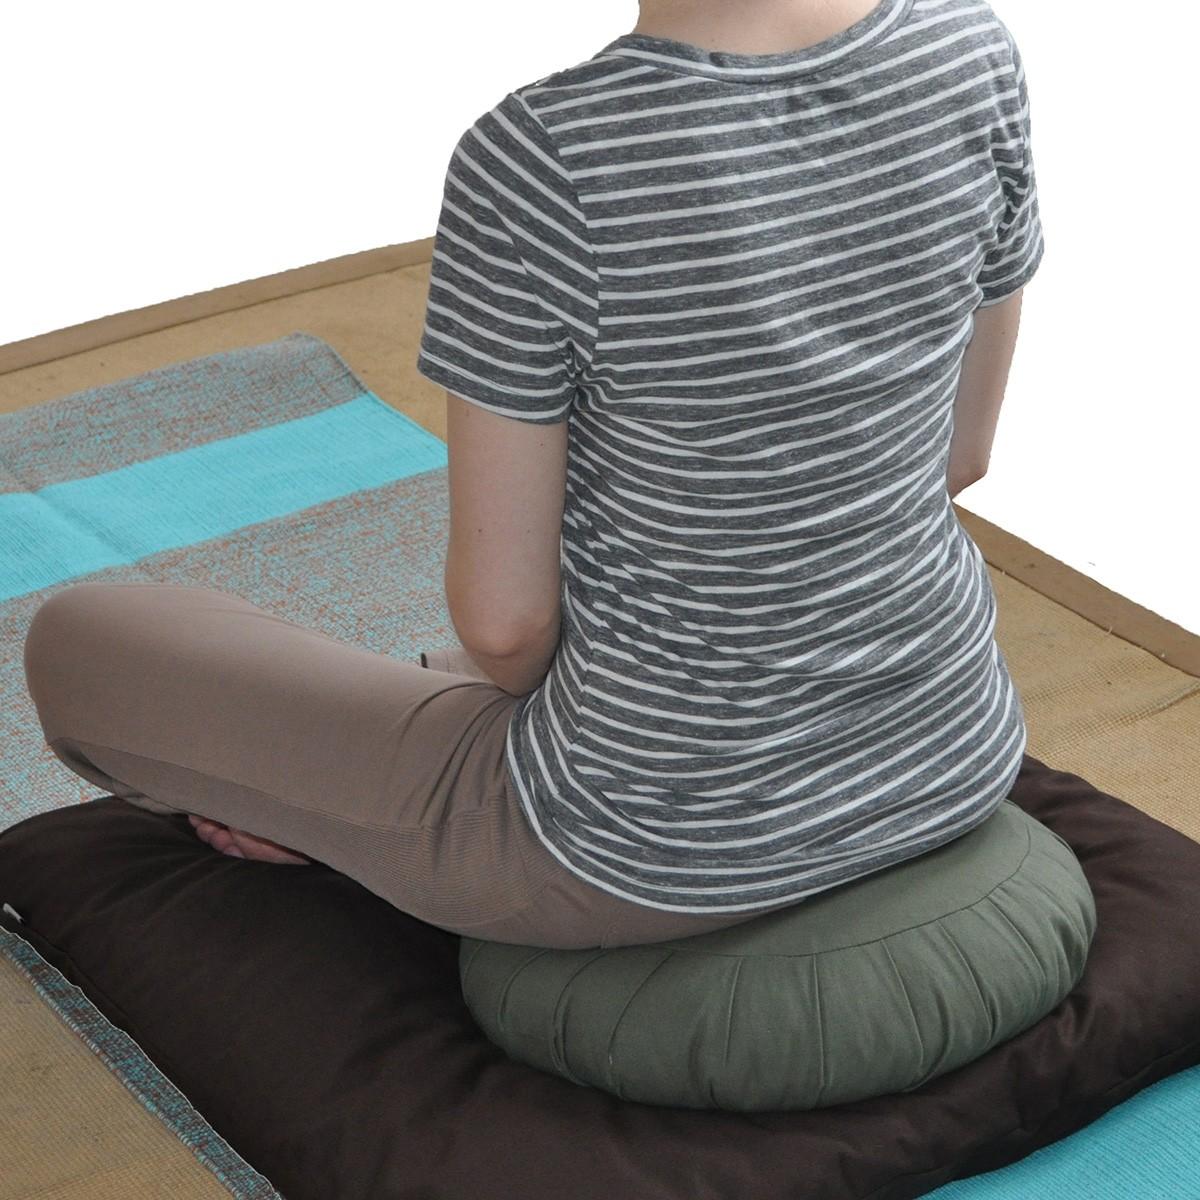 purchase meditation cushion zafu up